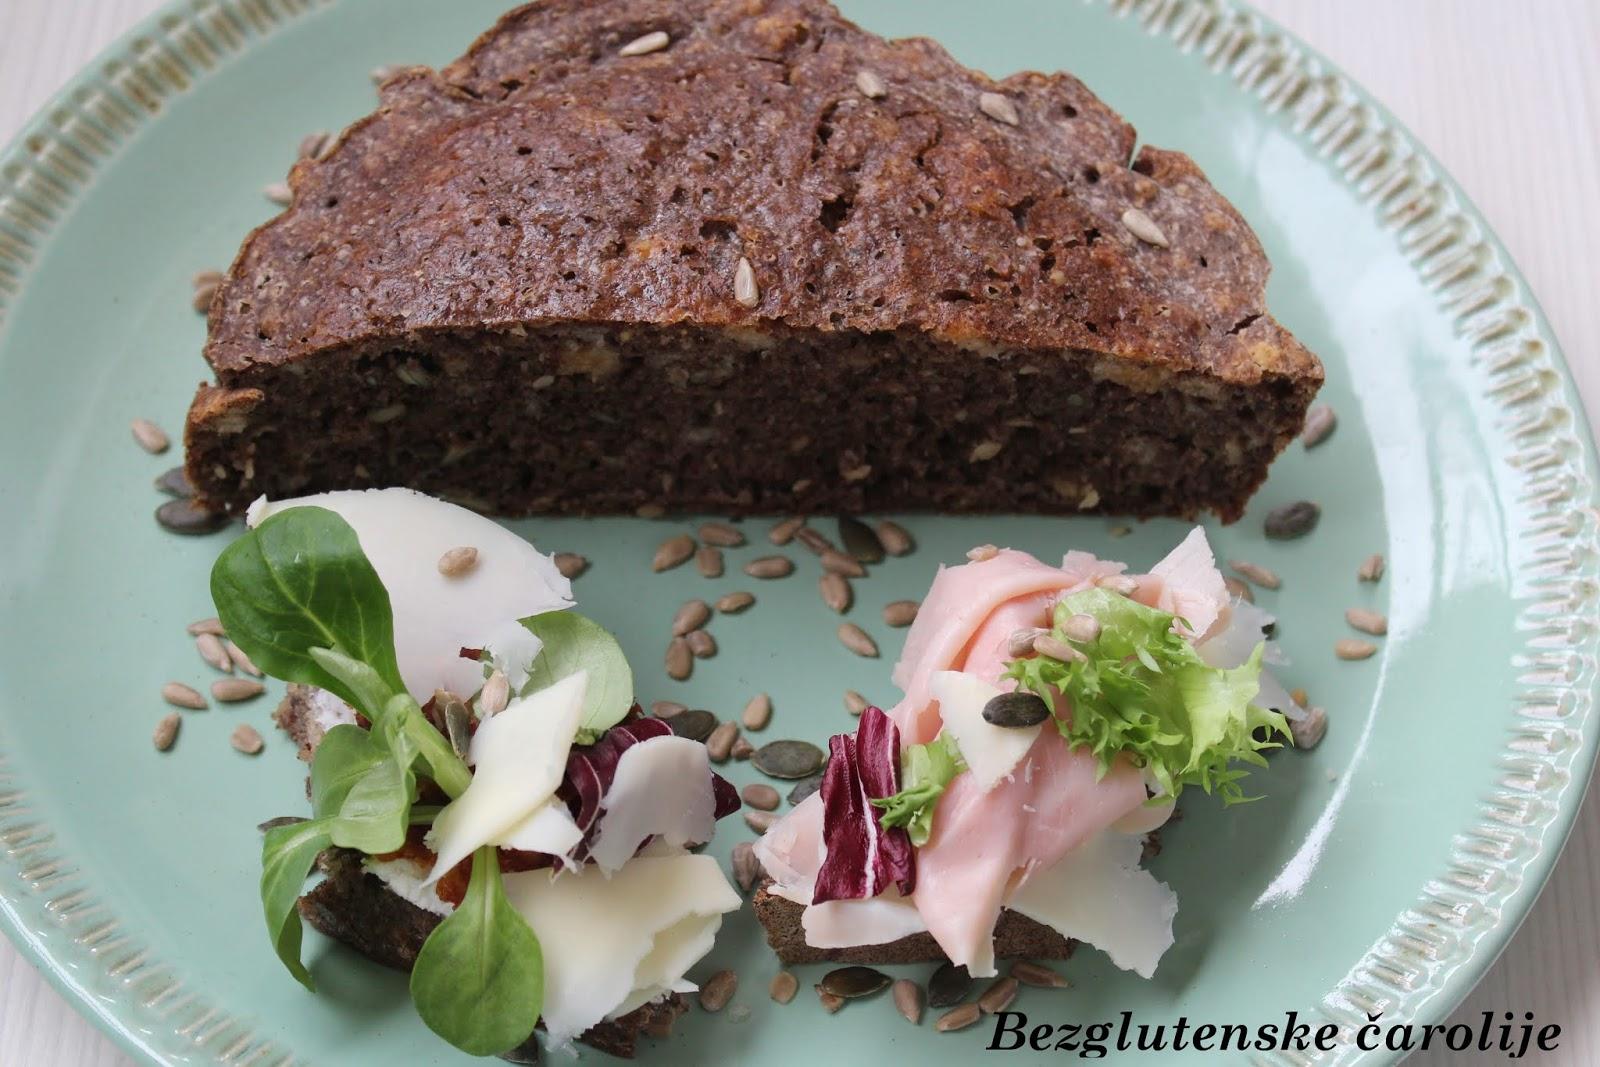 Bezglutenski hleb sa heljdom i semenkama i trodnevna bezglutenska avantura – Moračke planine i kanjon Mrtvice